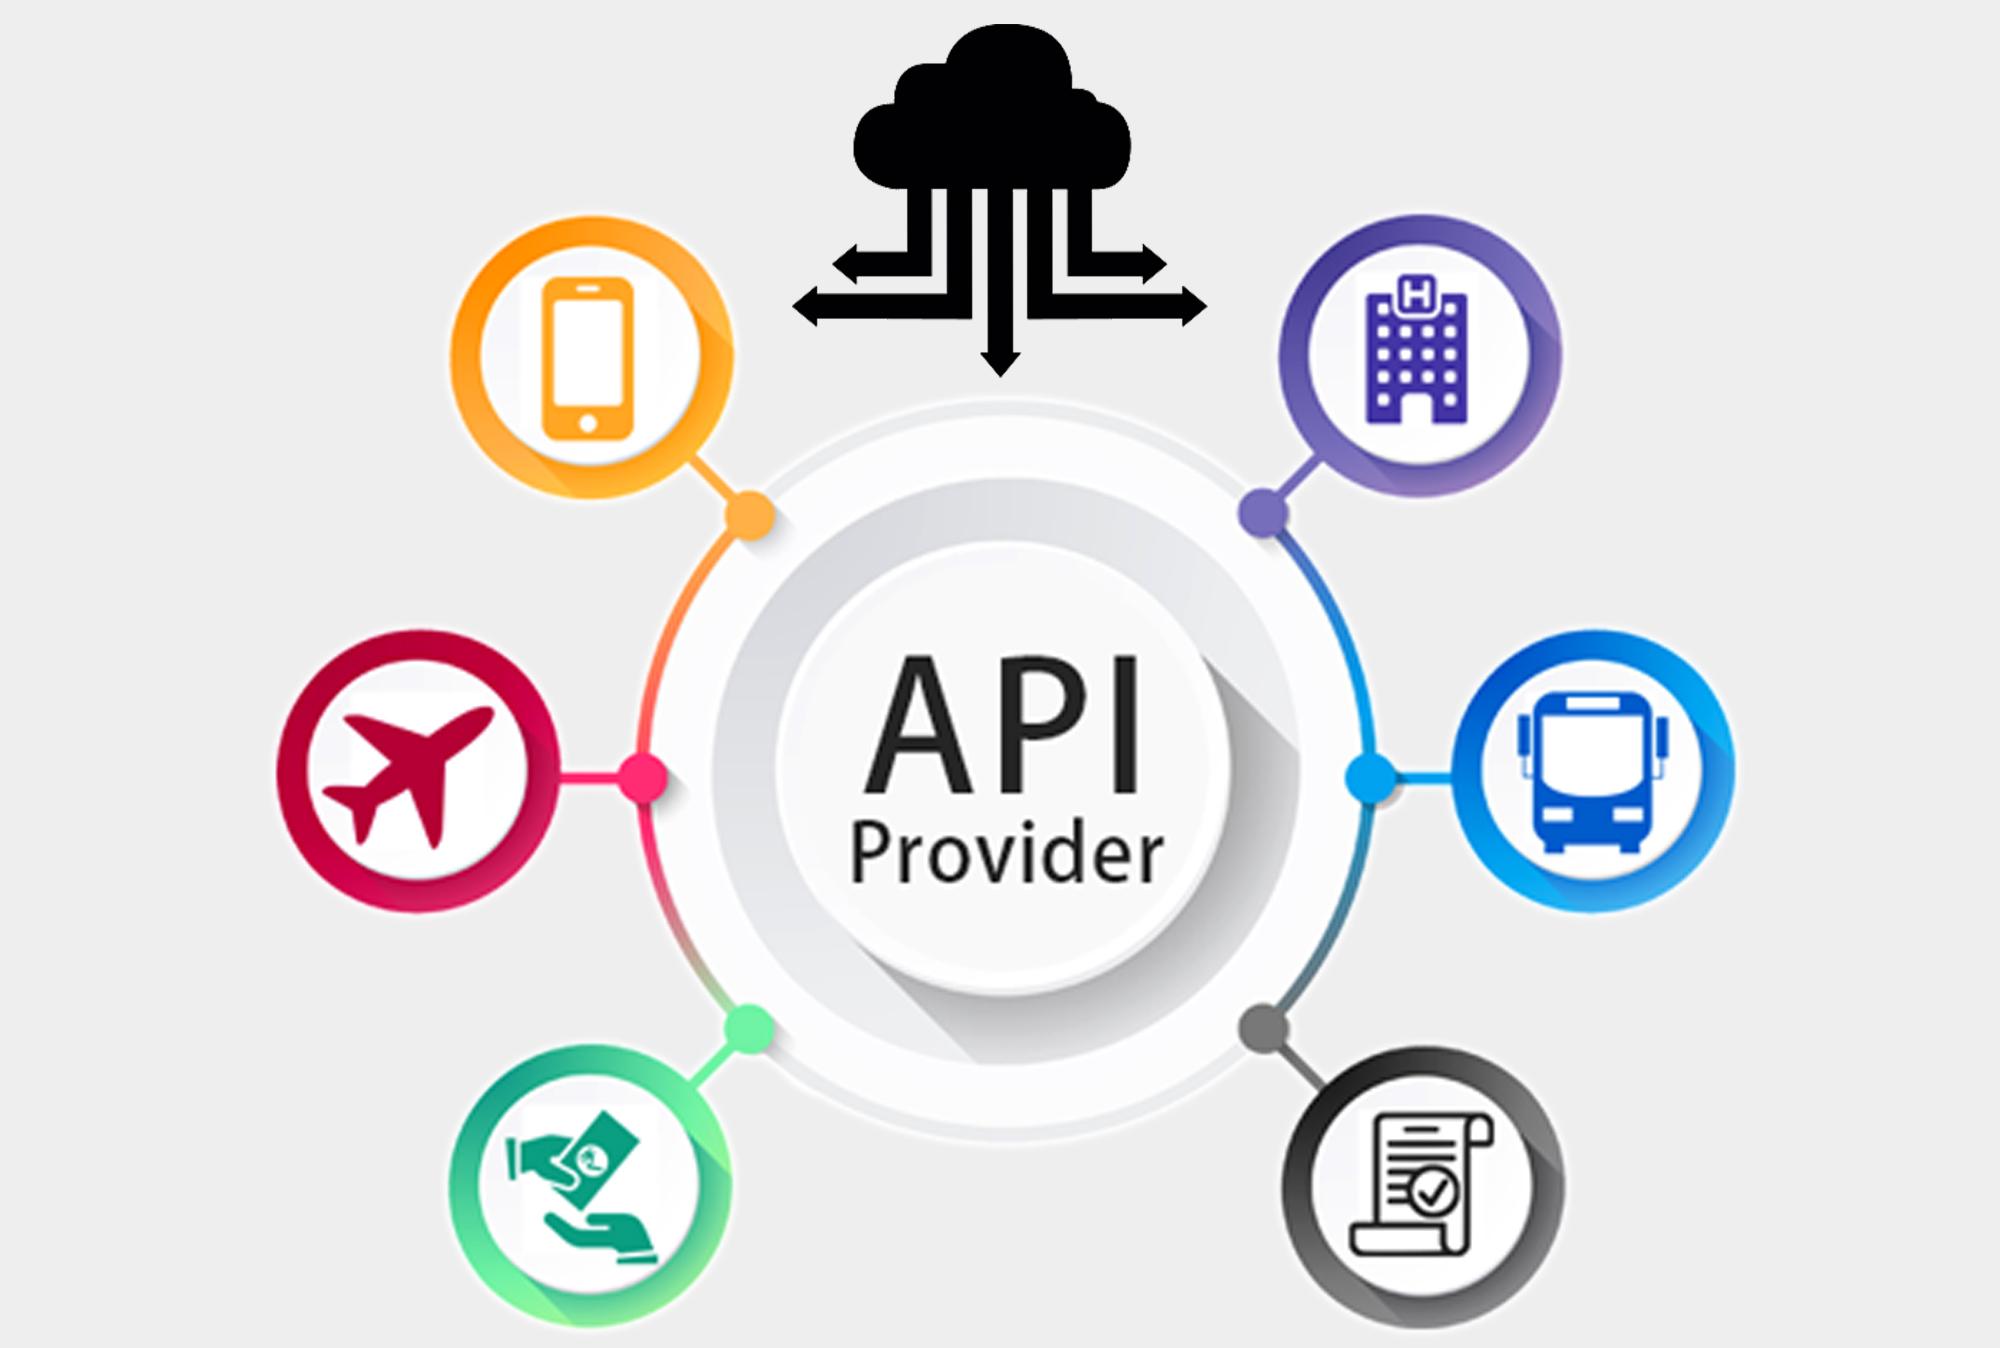 API Provider